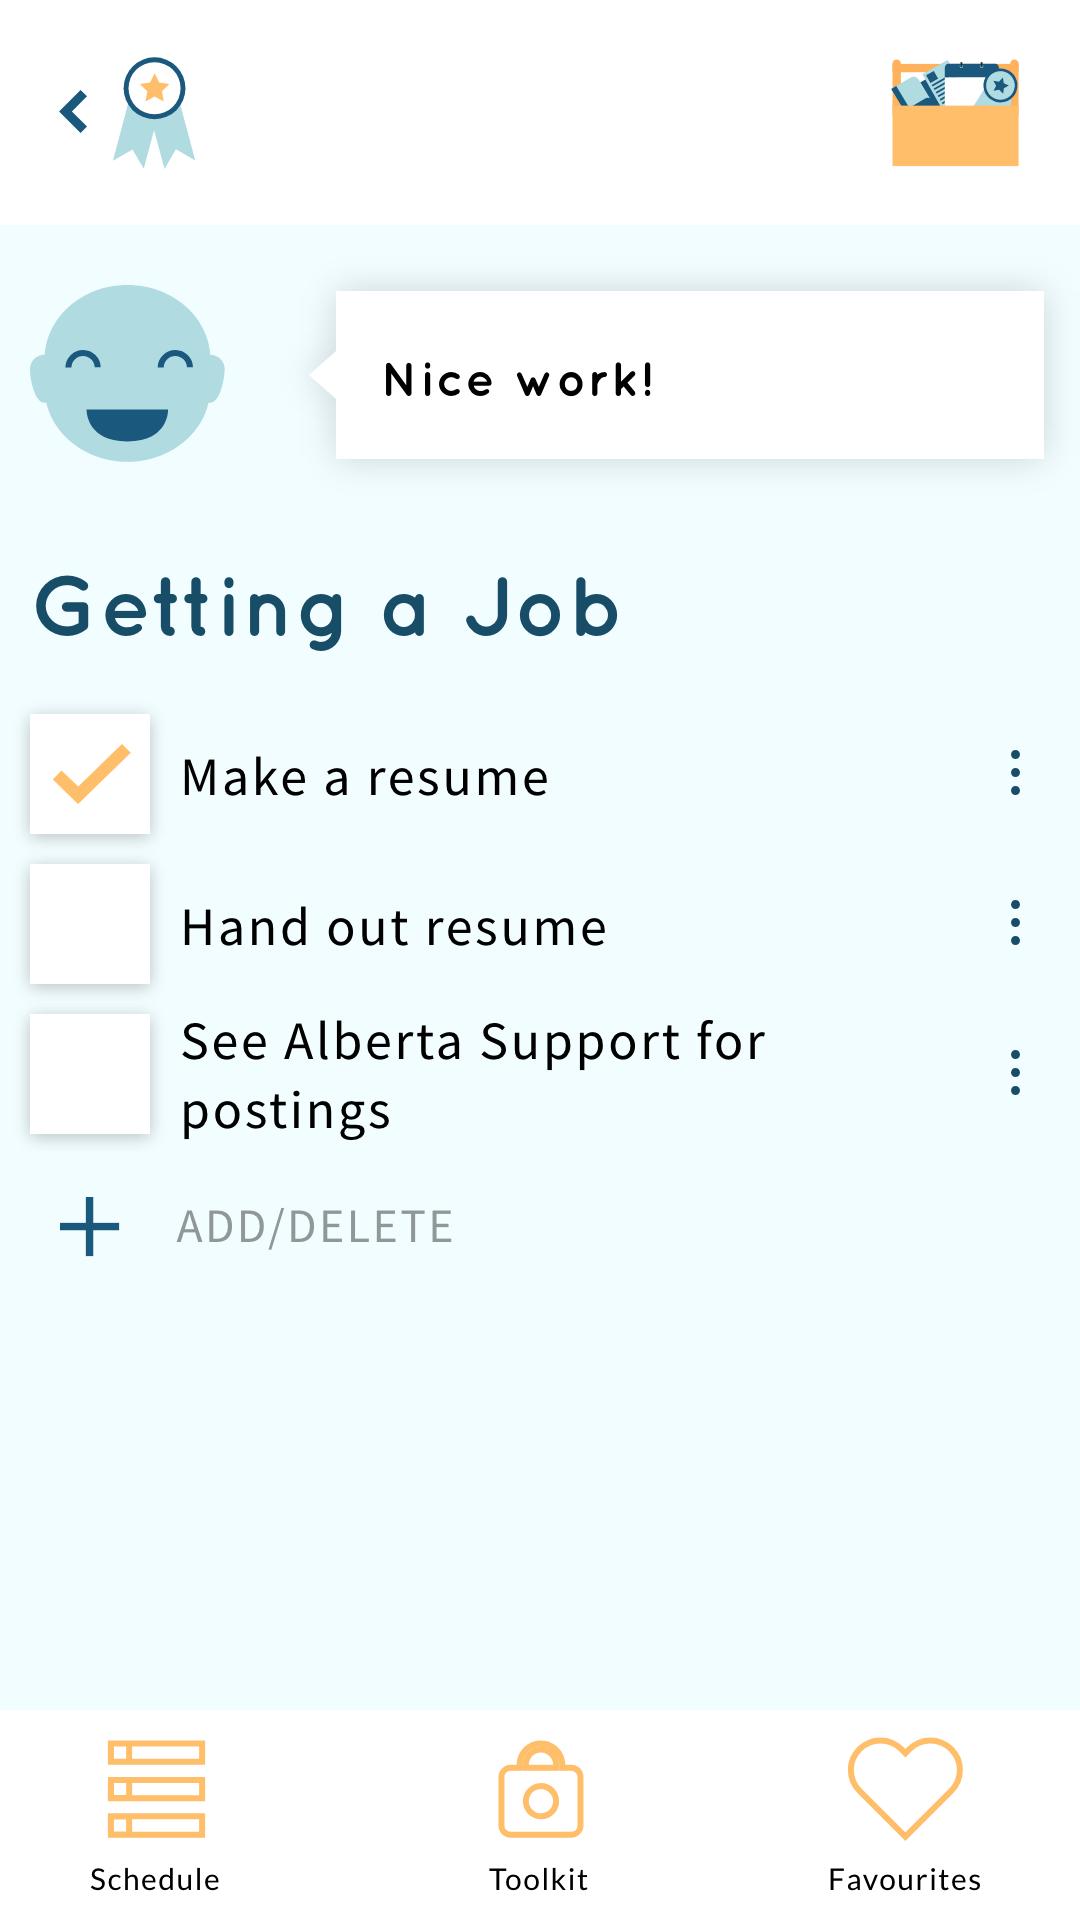 Job_Goals_Check@3x.png